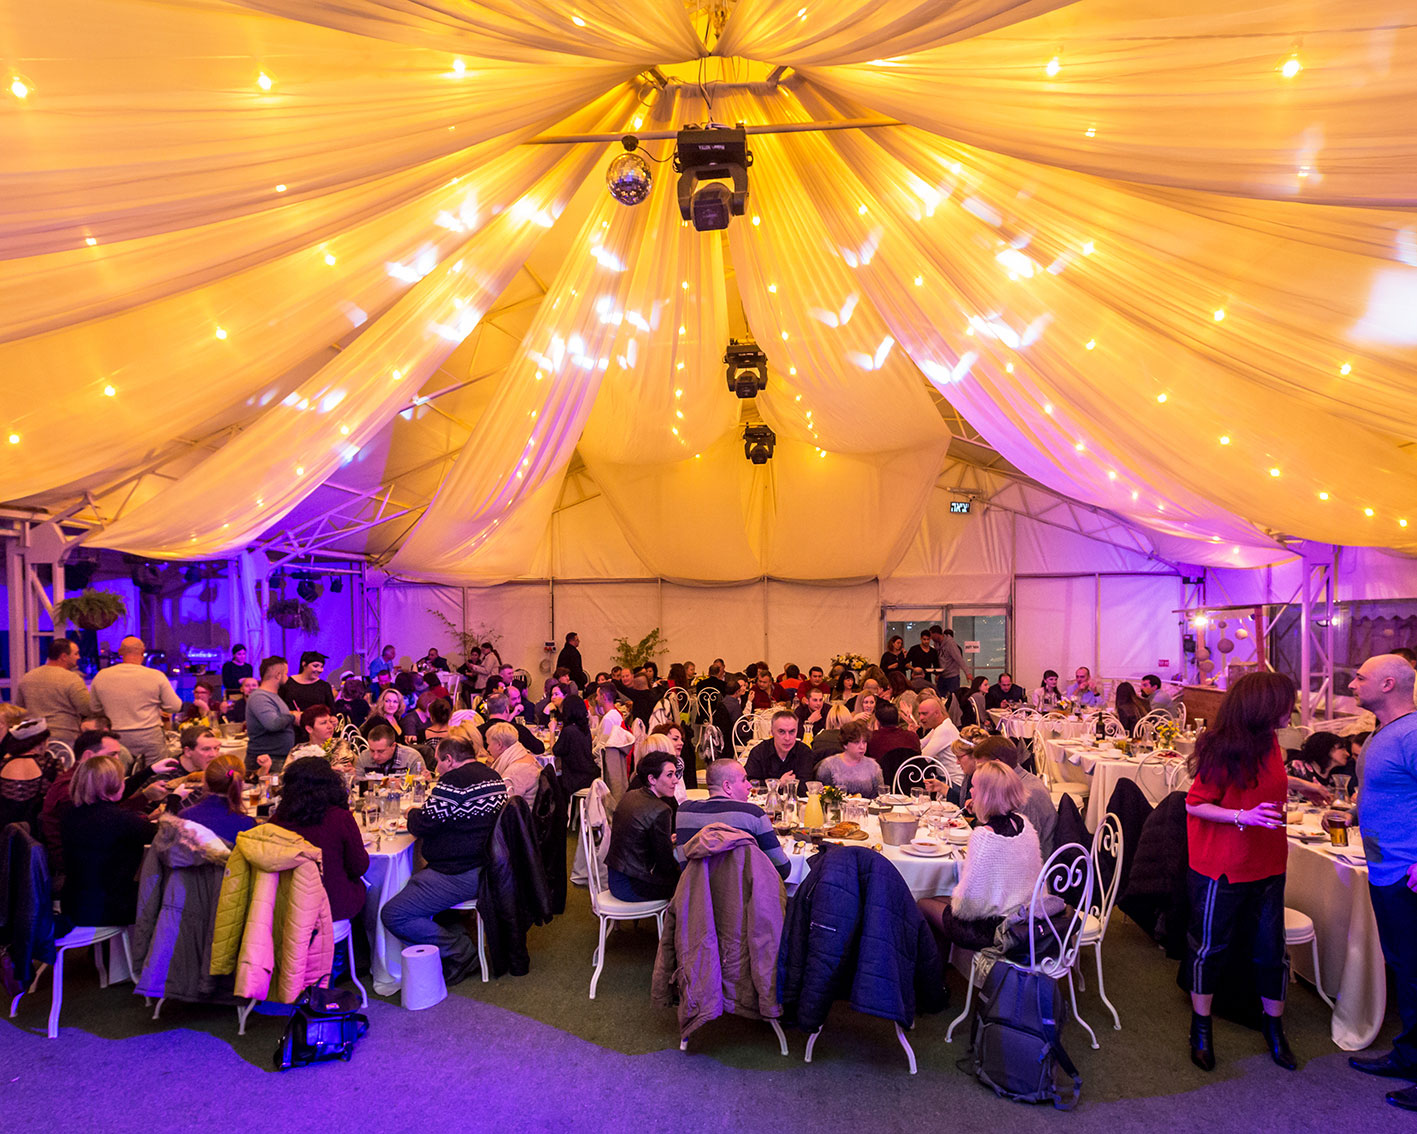 אירוע חורפי בתוך אוהל ארועים מעוצב באוירה דרמטית